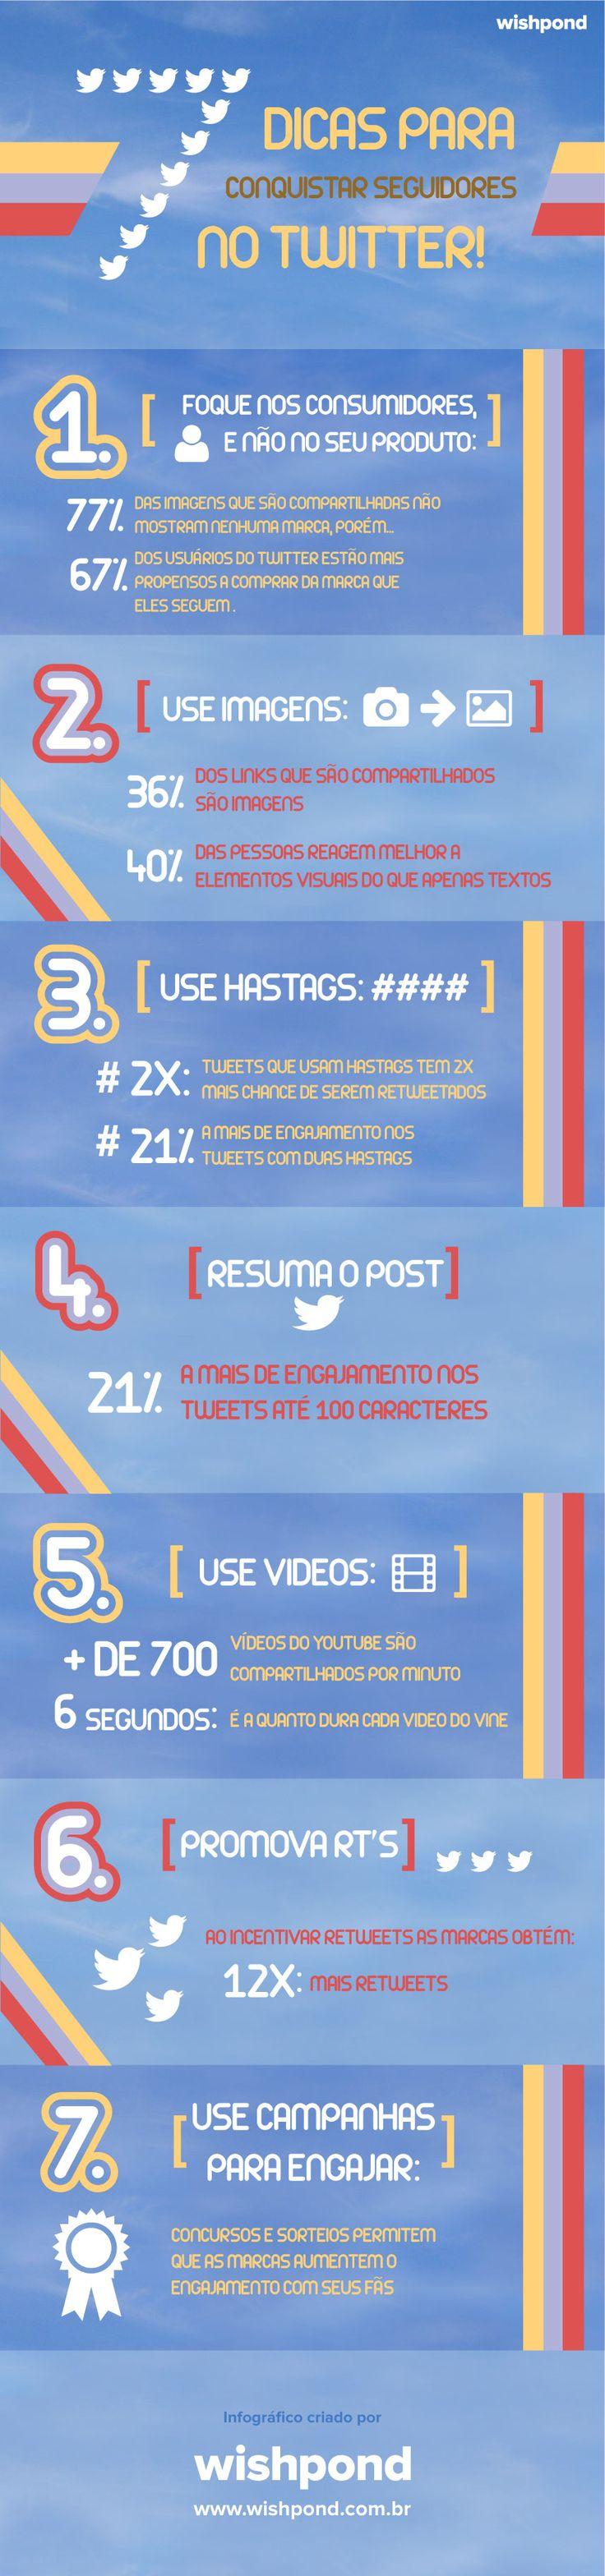 Infográfico: 7 dicas para conquistar seguidores no Twitter.